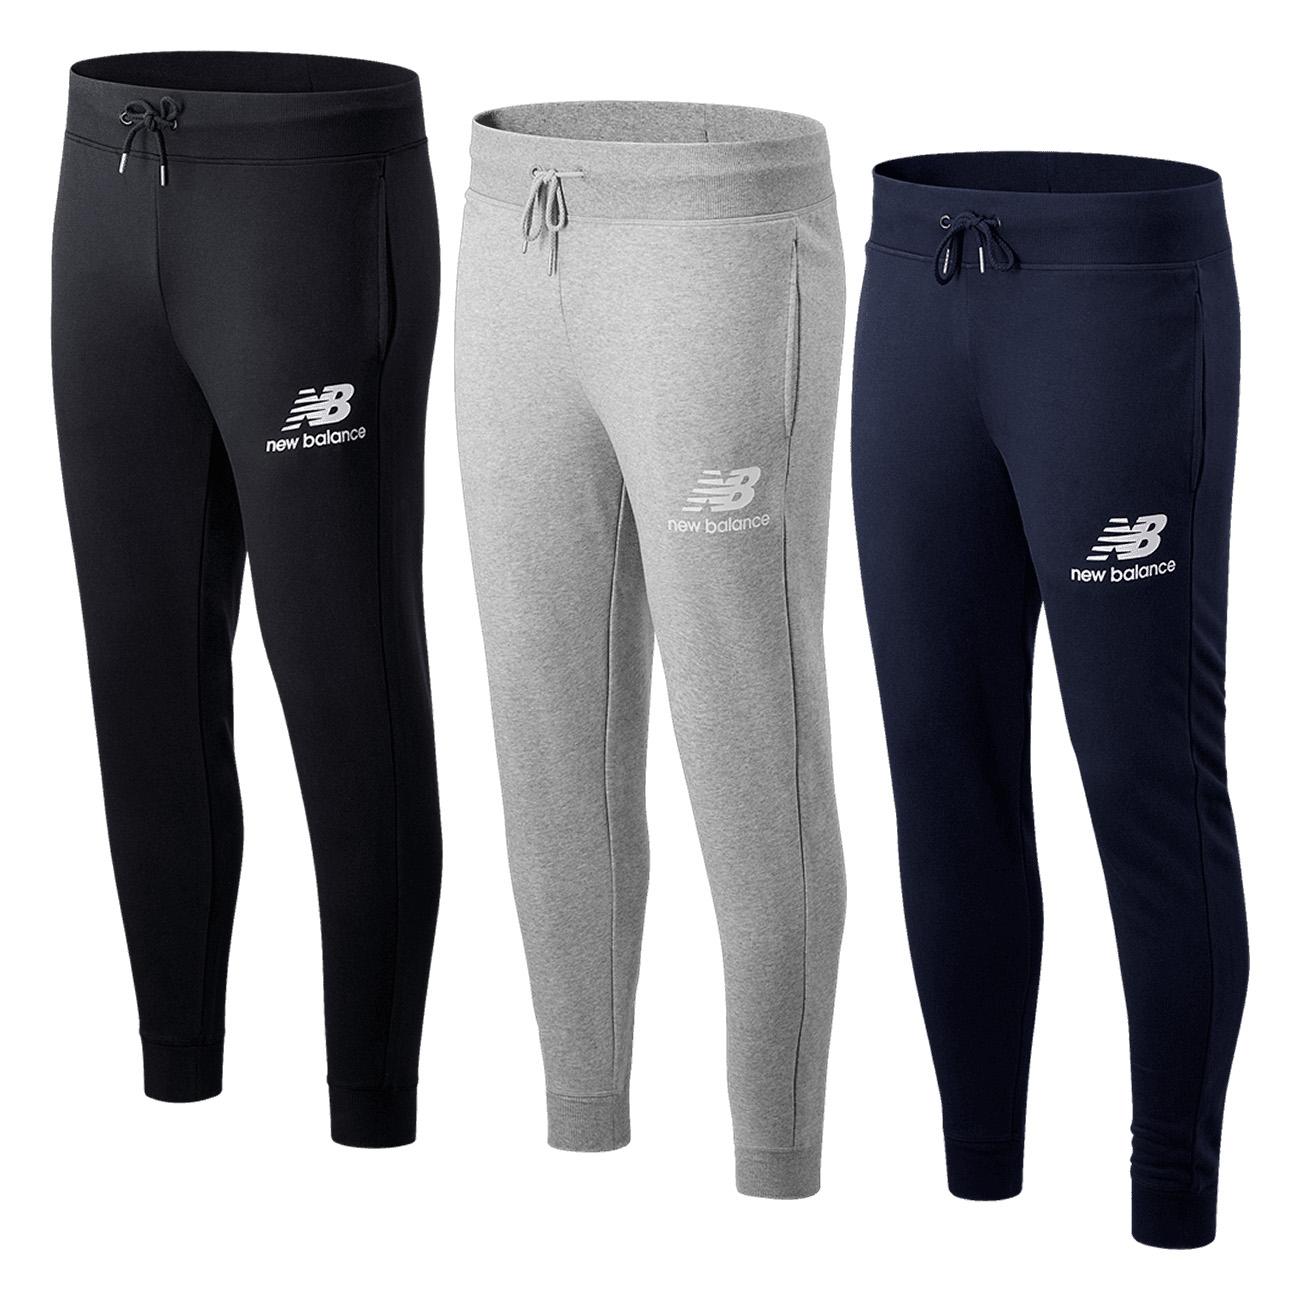 New Balance Jogginghose Essentials Stacked Logo (3 Farben, S bis XXL, 65% Baumwolle & 35% Polyester)